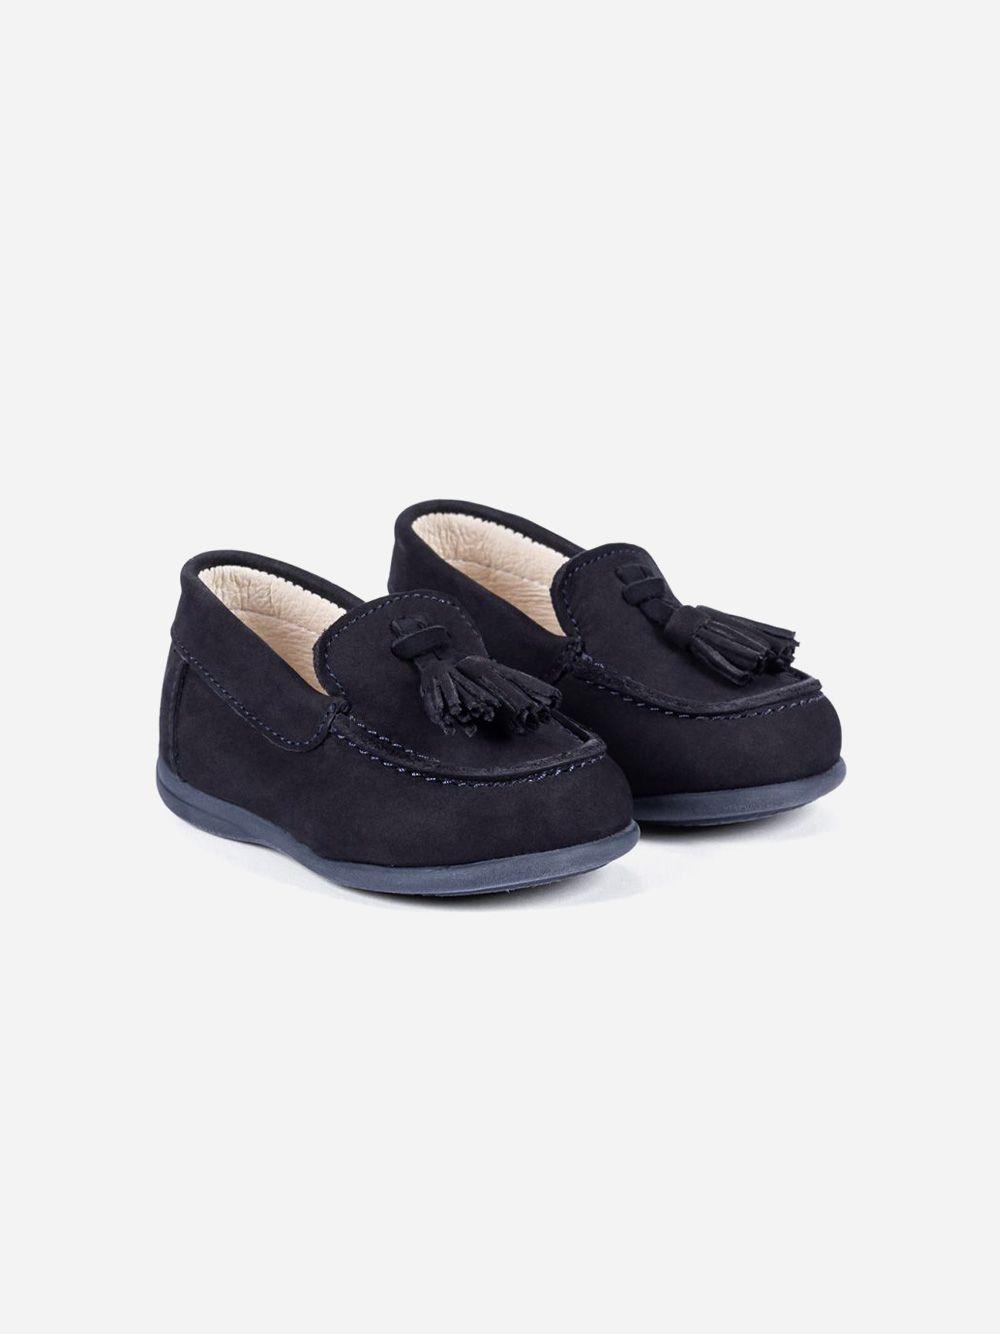 Sapatos Marinho L. Thomas | Pikitri